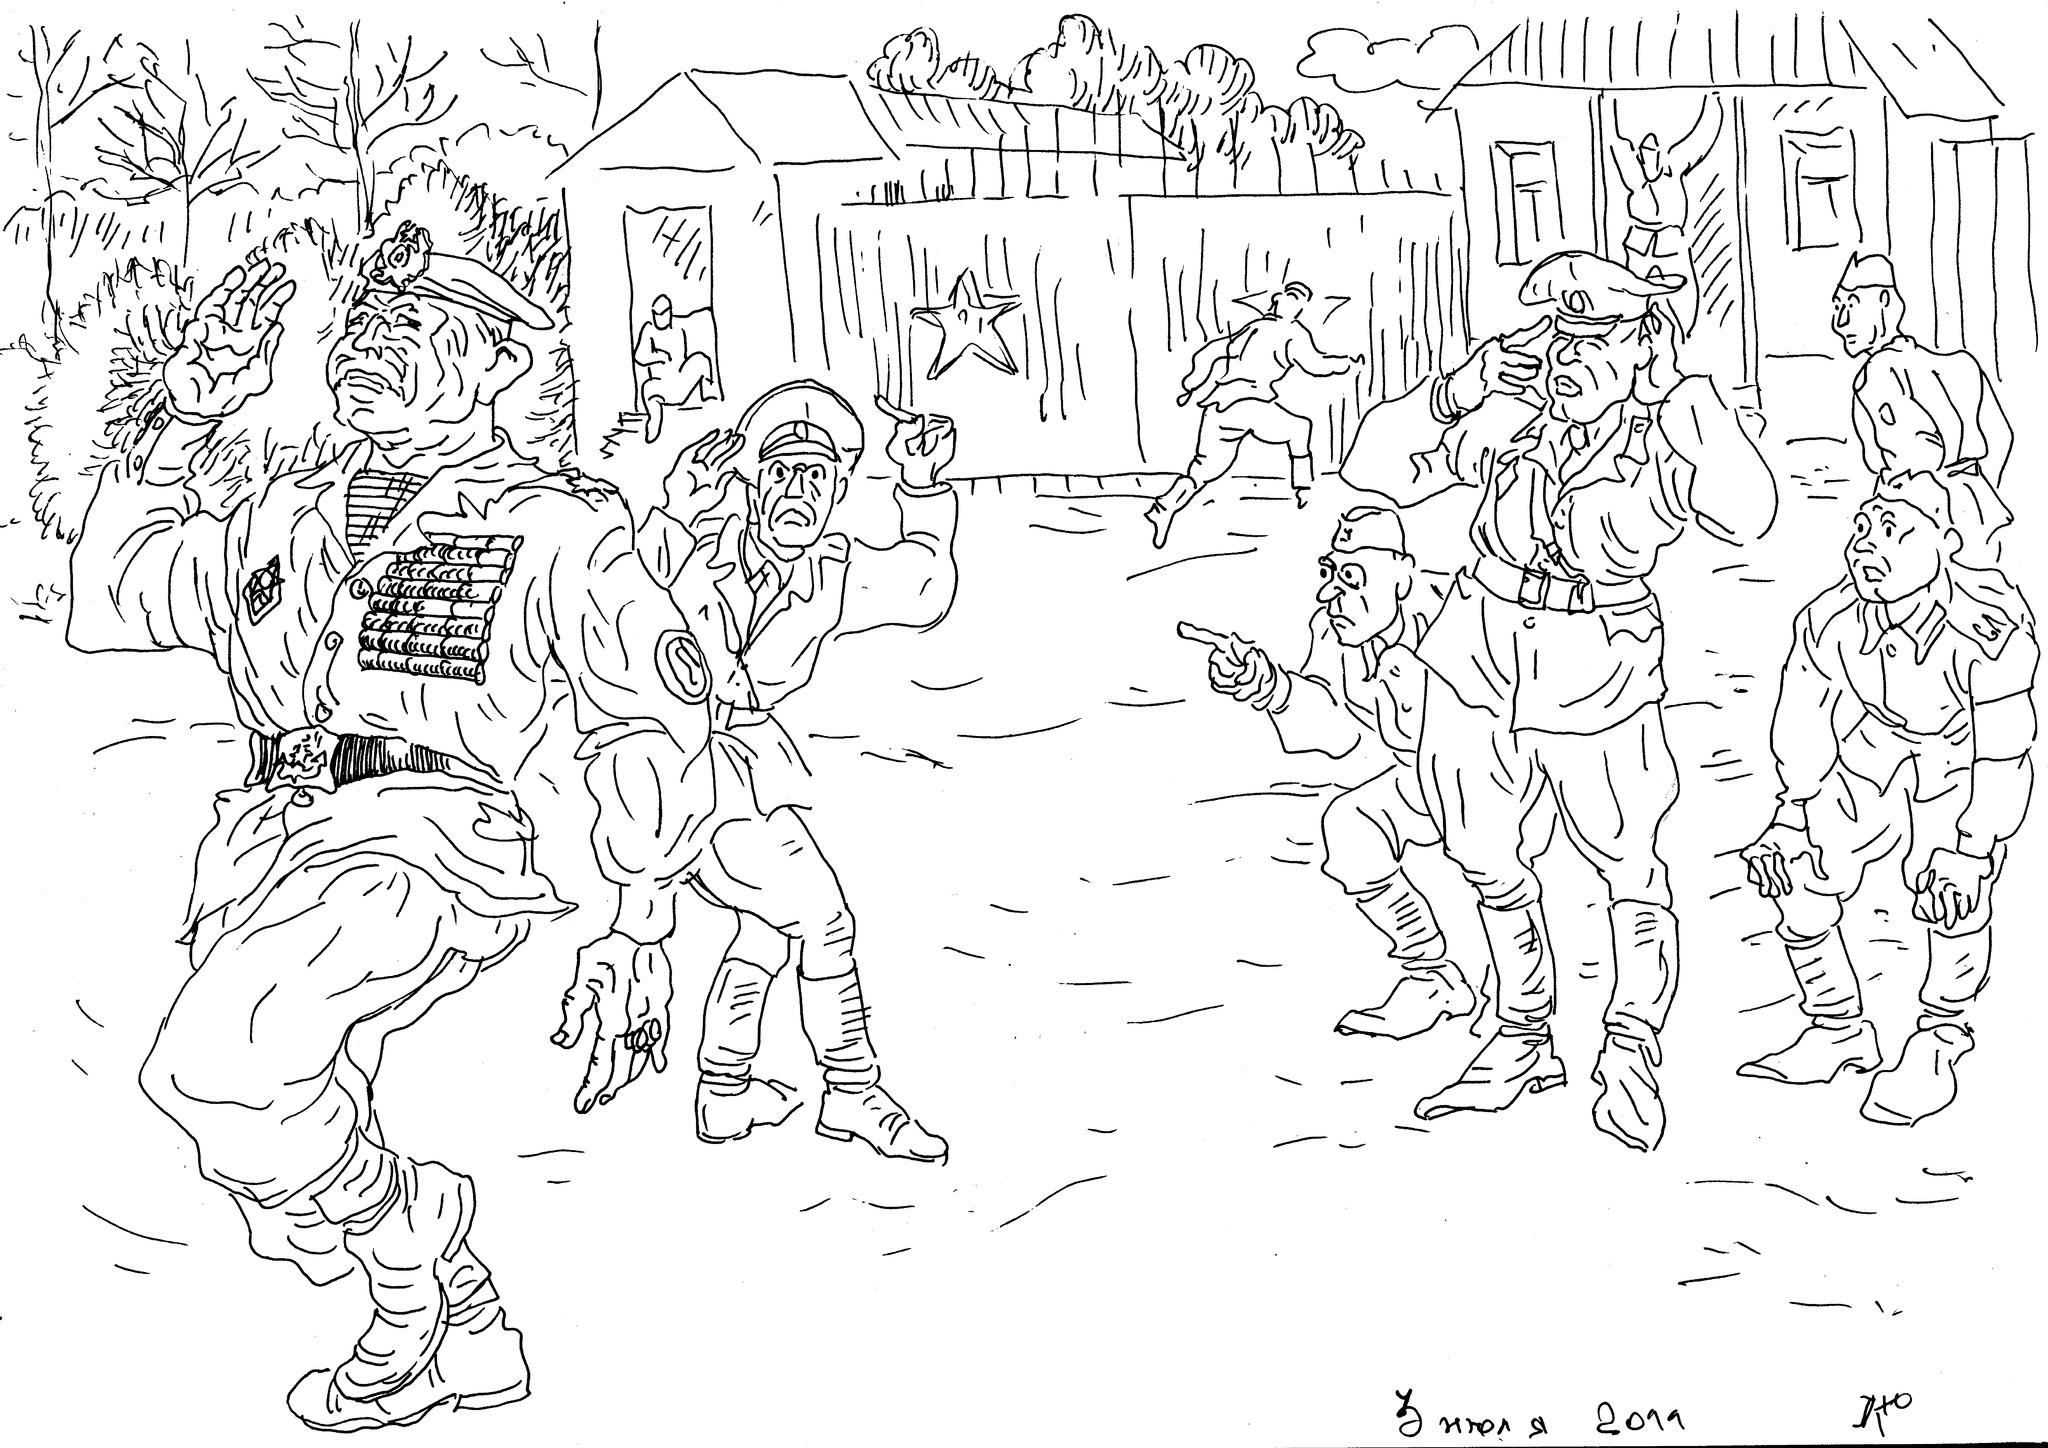 Командир в/ч, будучи «не в себе», заявился в расположение в форме морской пехоты